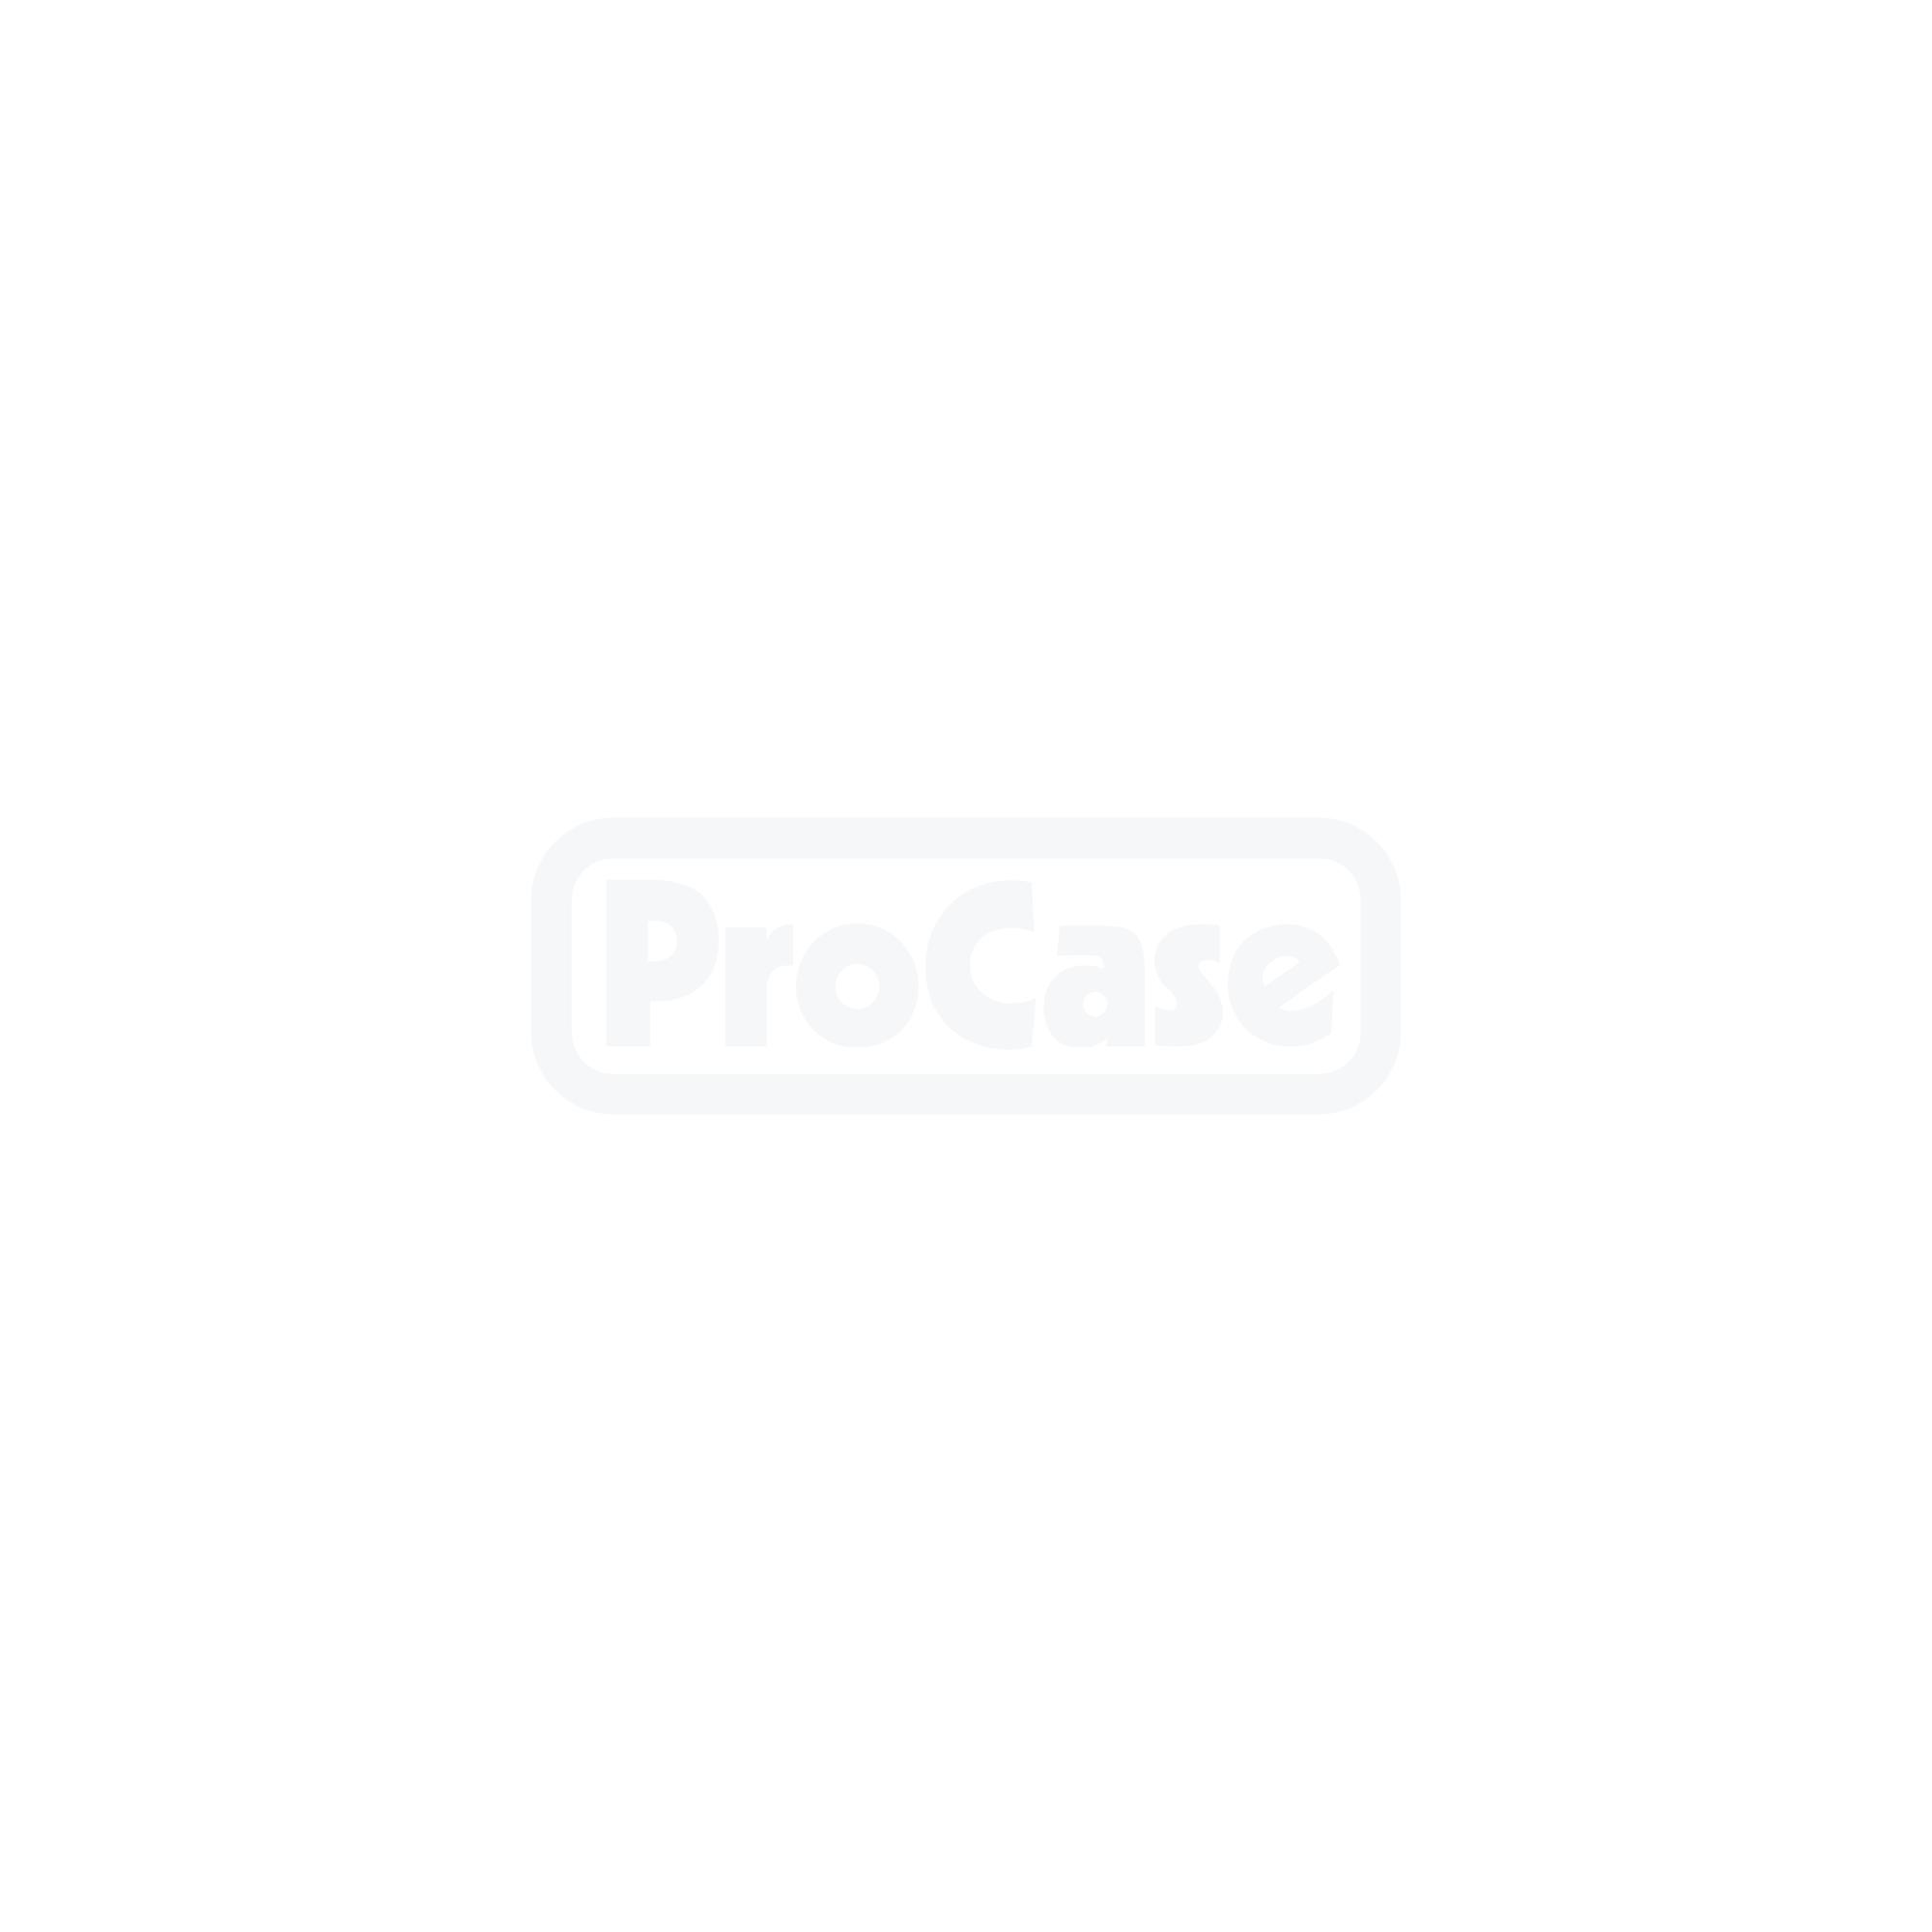 SKB 3i Koffer 2617-12 leer mit Trolley 2